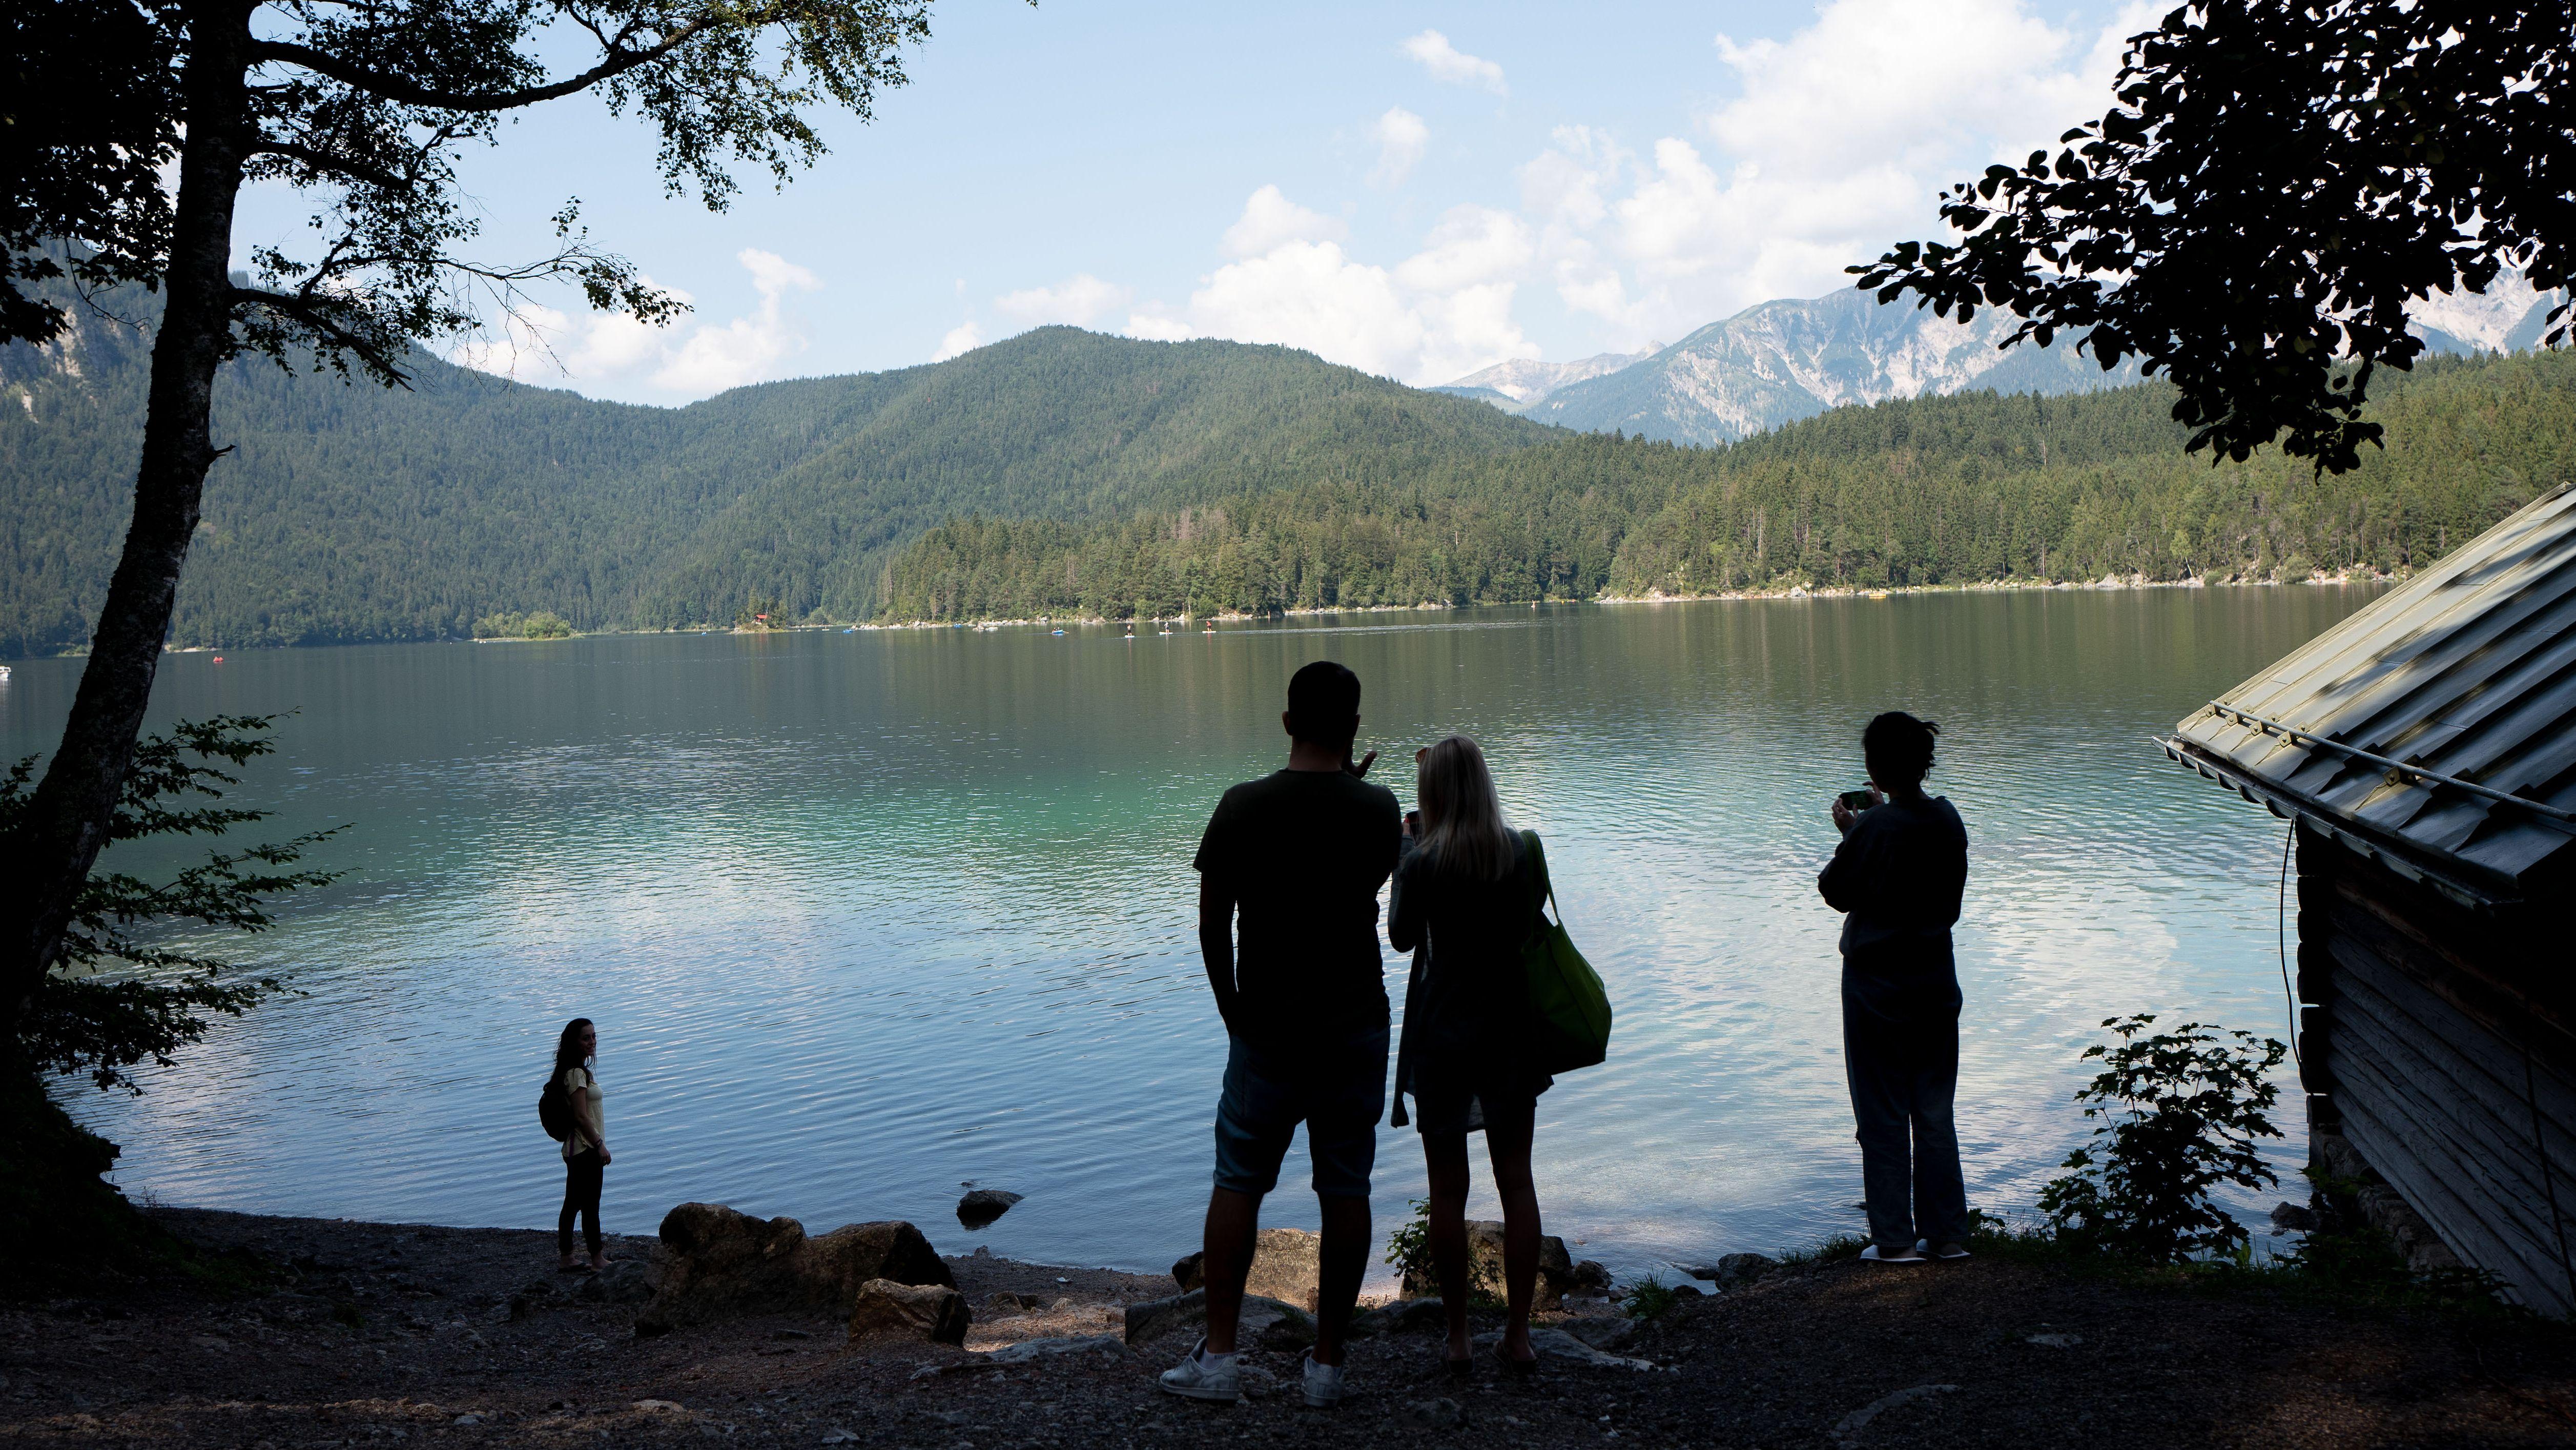 Menschen am Ufer des Eibsees, im Hintergrund das Wettersteingebirge.